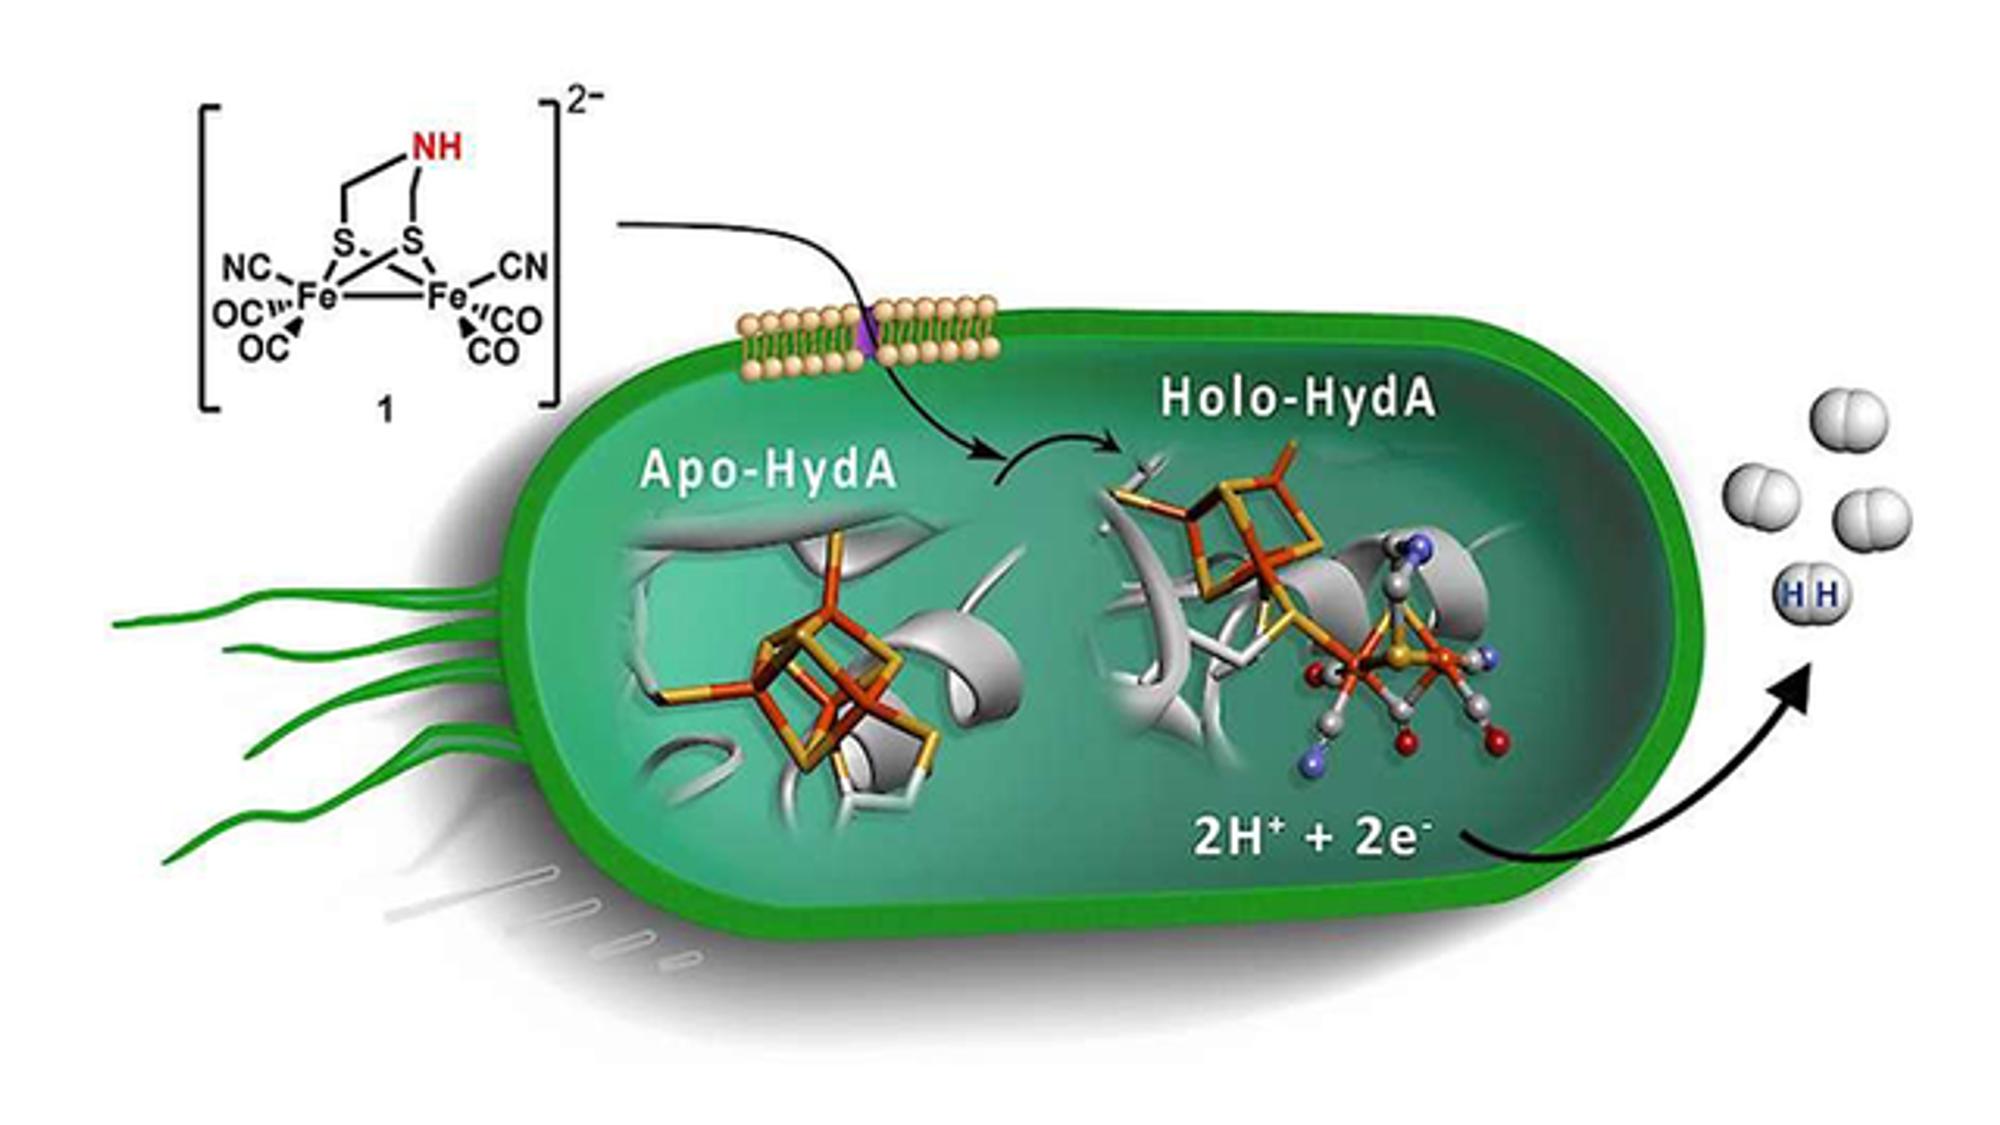 Forskere fra Uppsala har presentert en ny metode for å produsere hydrogengass ved hjelp av bakterier. Det har de gjort ved å lage et kunstig gen og satt det inn i en celle av E coli-bakterier, som er vanlige i tarmene til både mennesker og dyr.